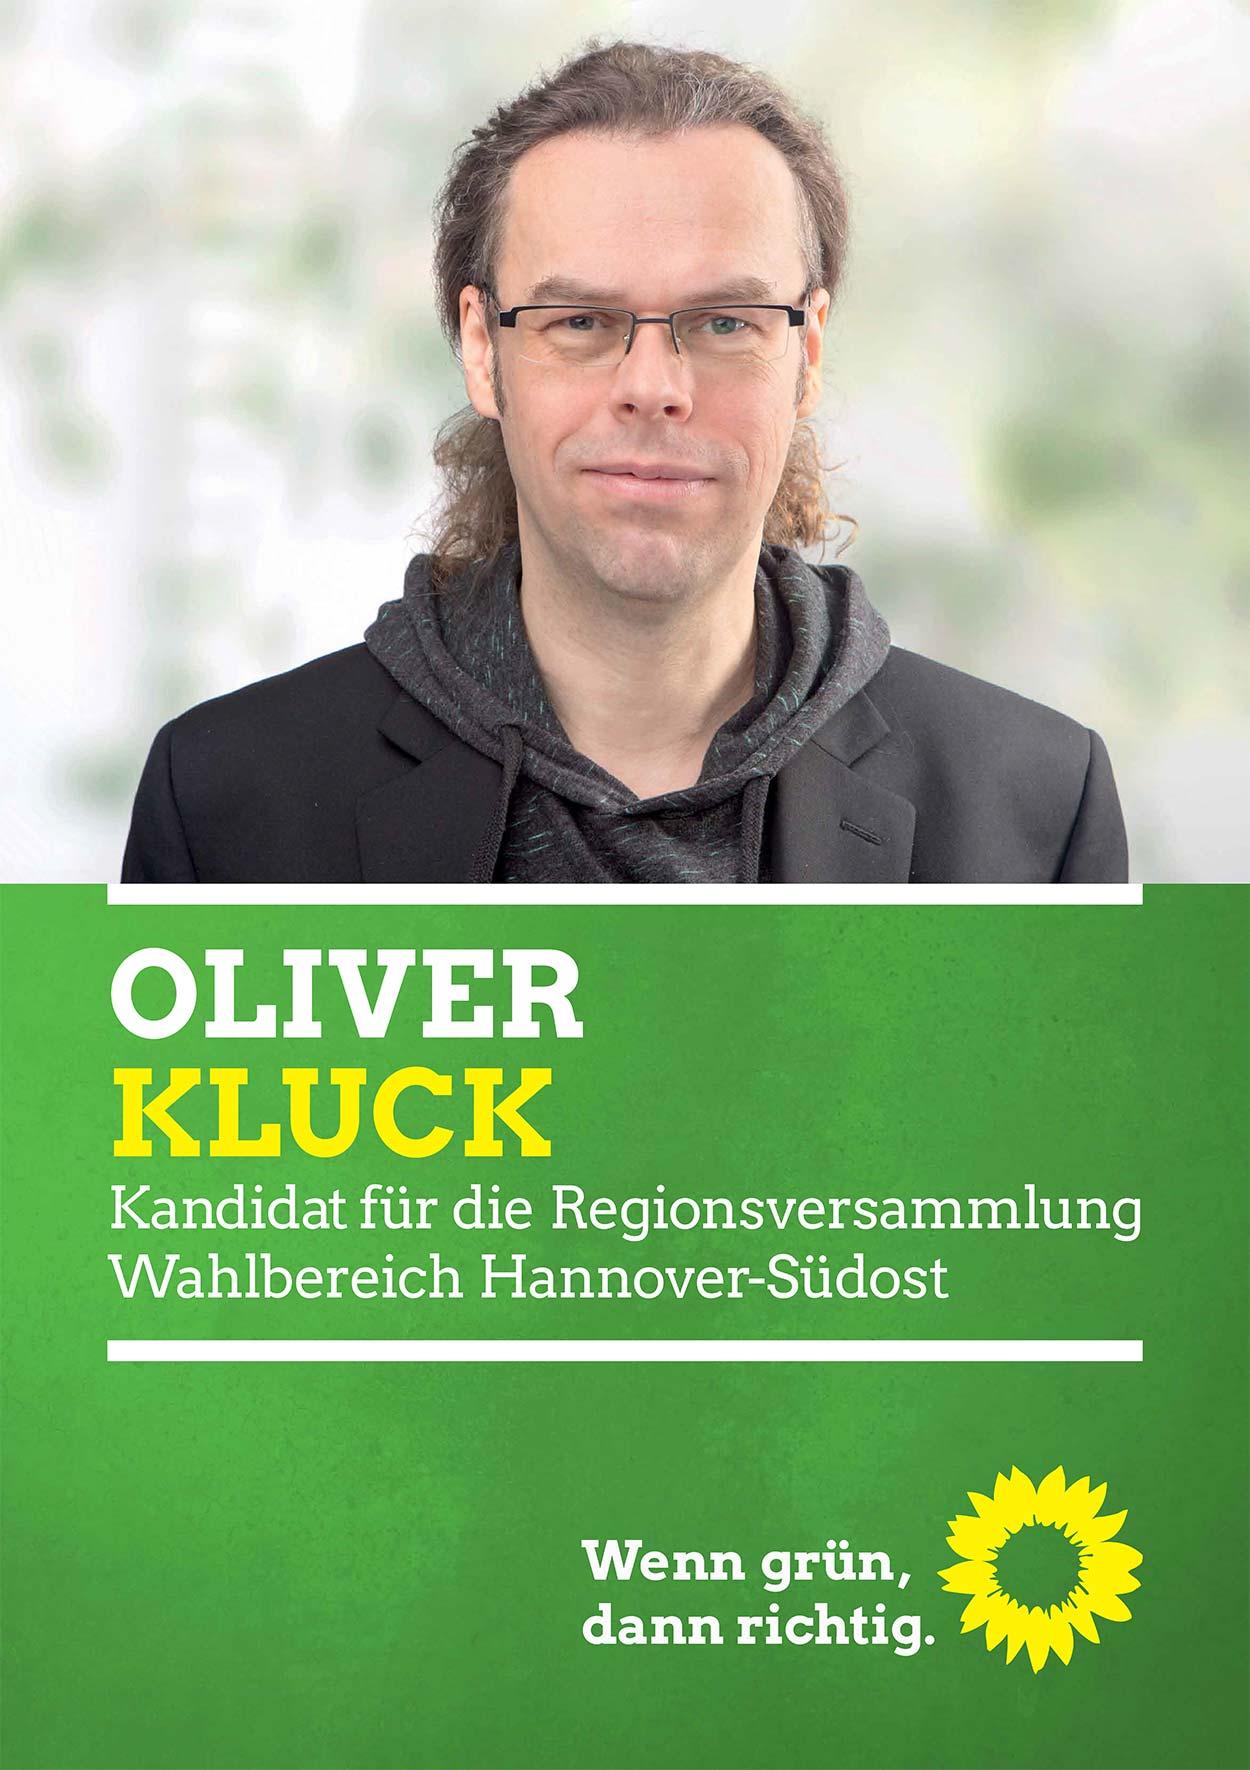 Regionskandidat_Oliver_kluck